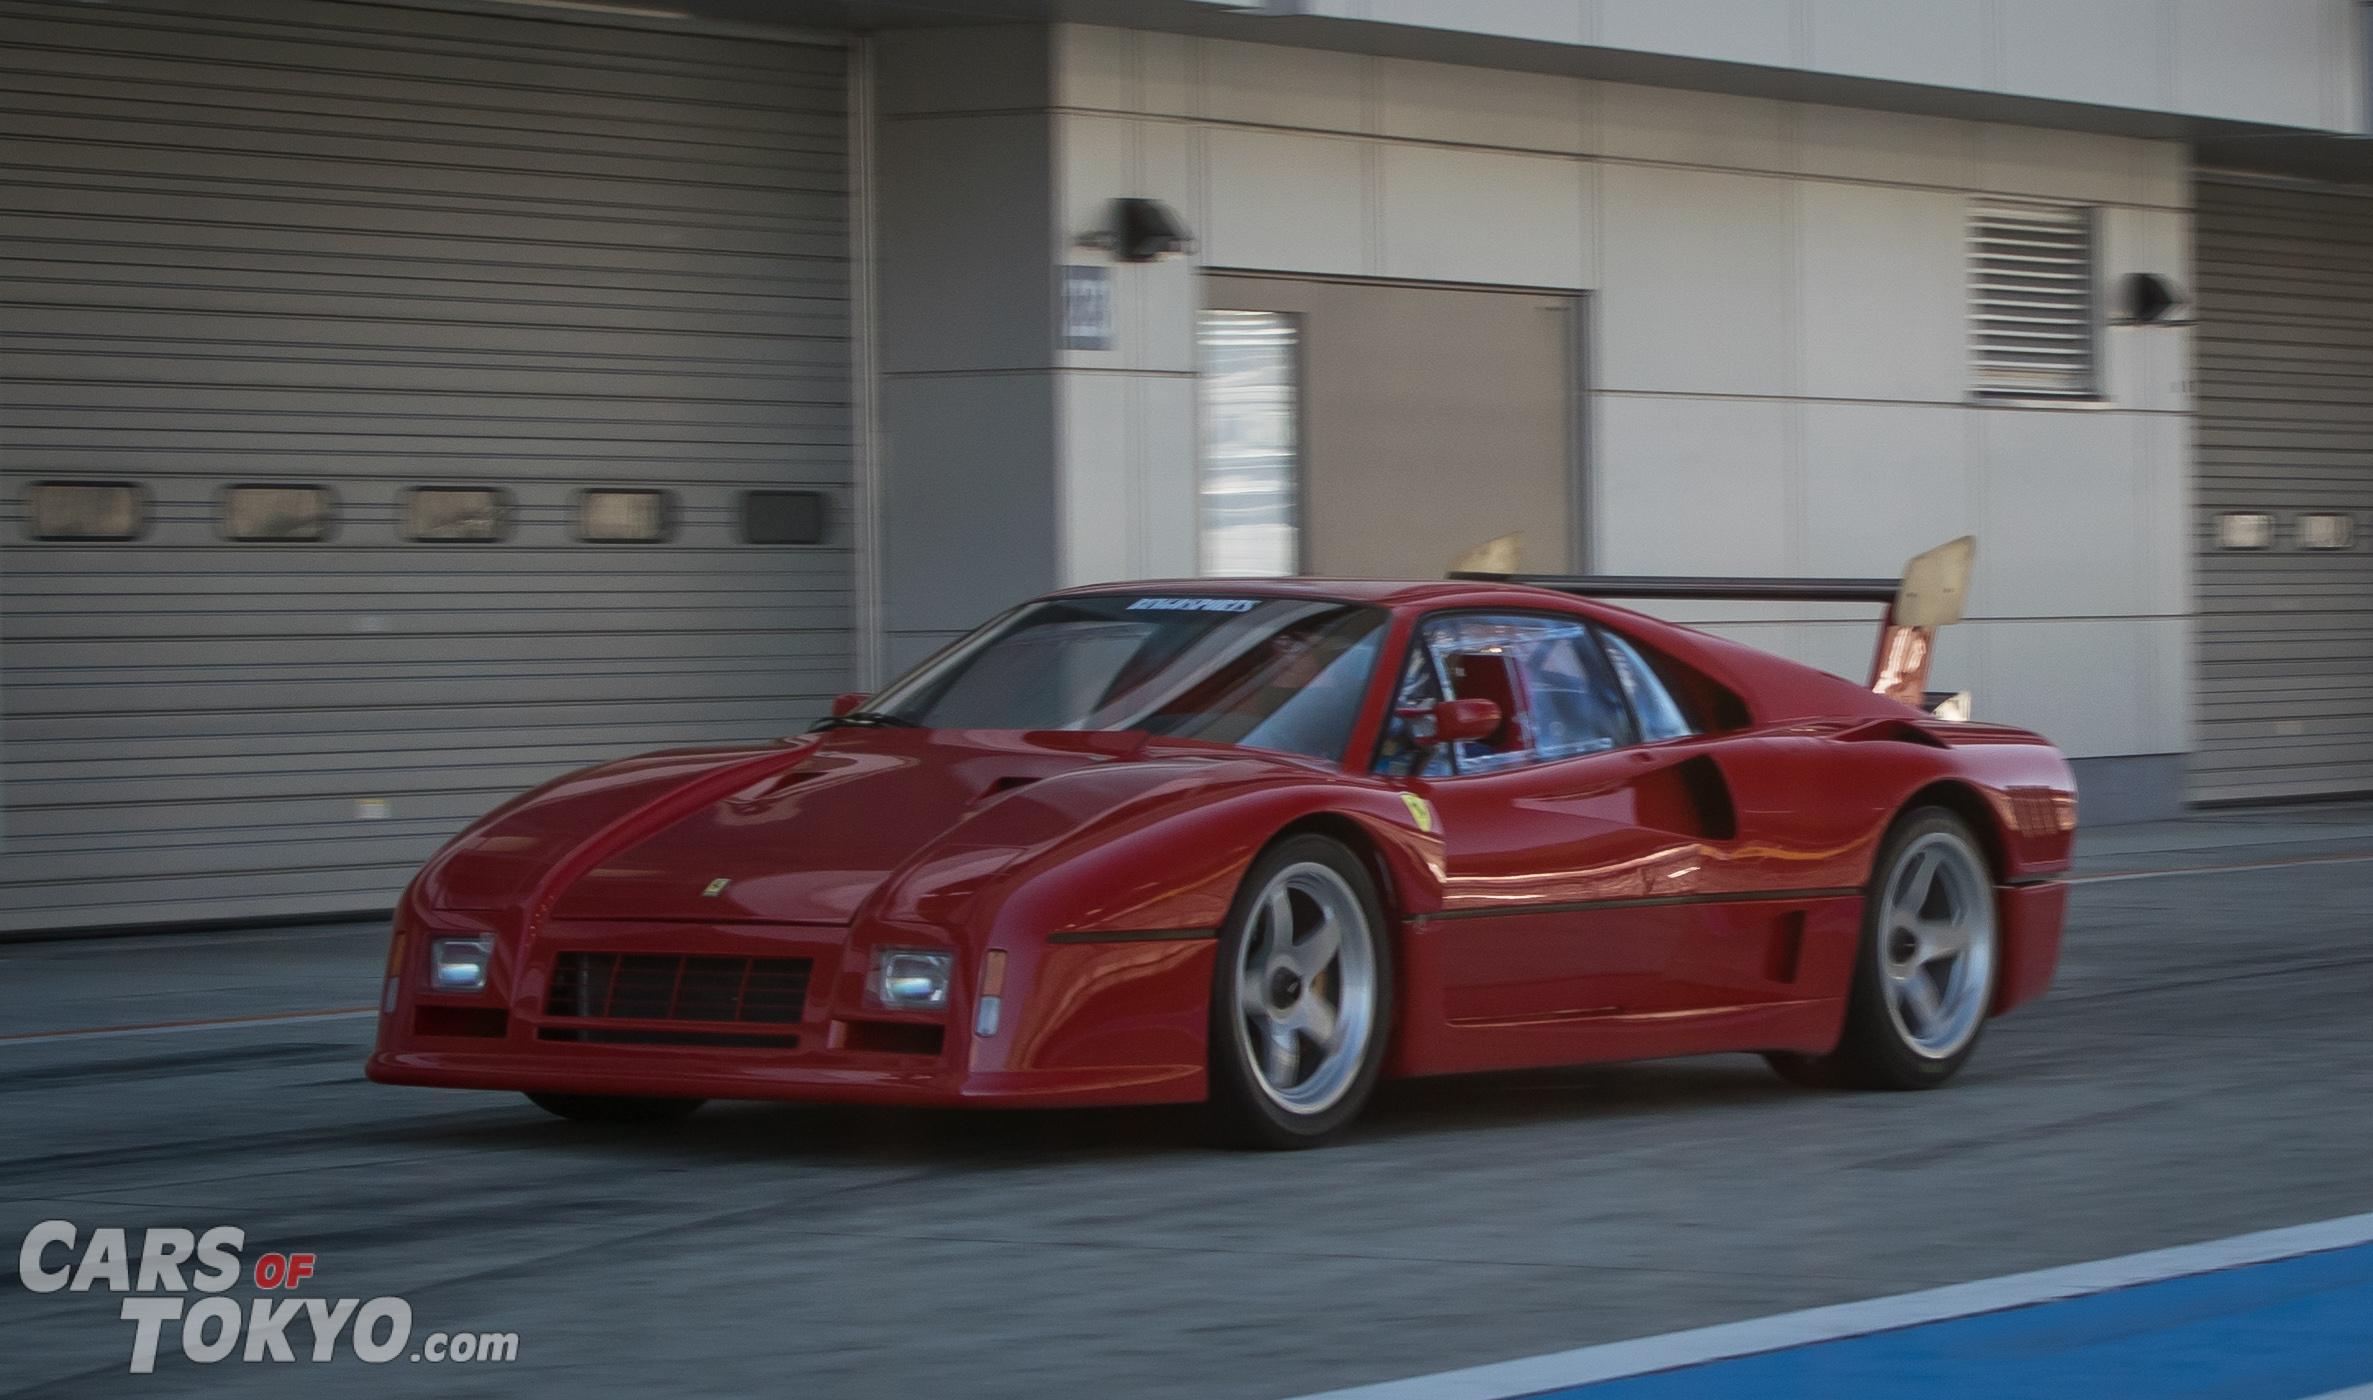 Cars of Tokyo Classic Ferrari 288 GTO Evoluzione